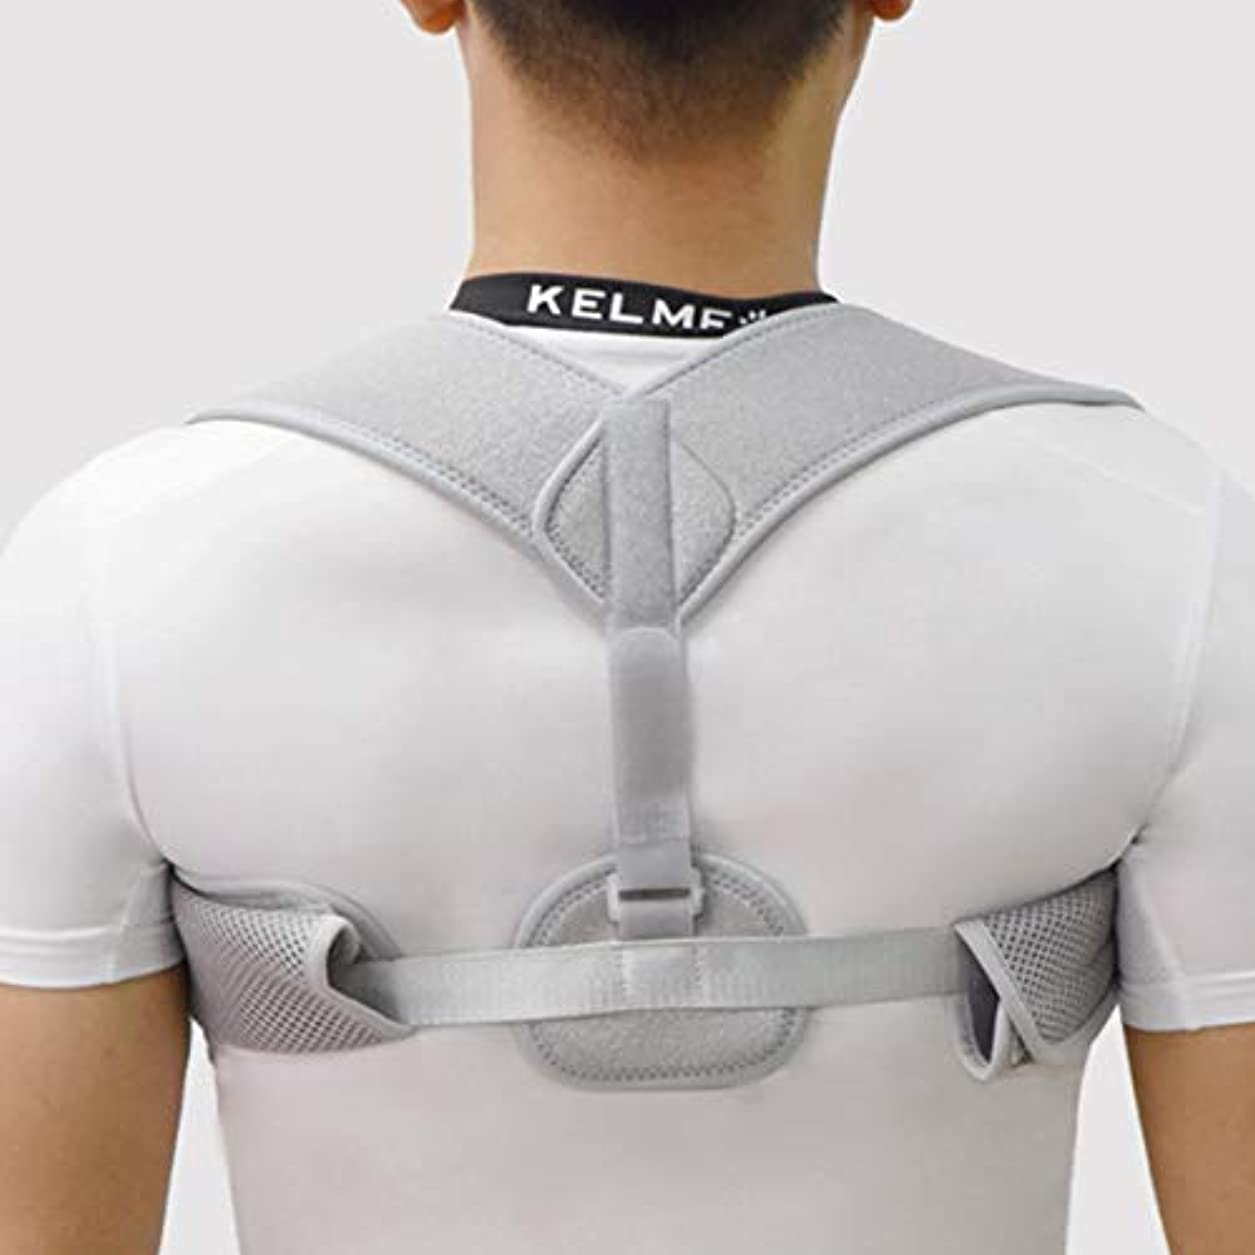 寺院見る人ご注意新しいアッパーバックポスチャーコレクター姿勢鎖骨サポートコレクターバックストレート肩ブレースストラップコレクター耐久性 - グレー